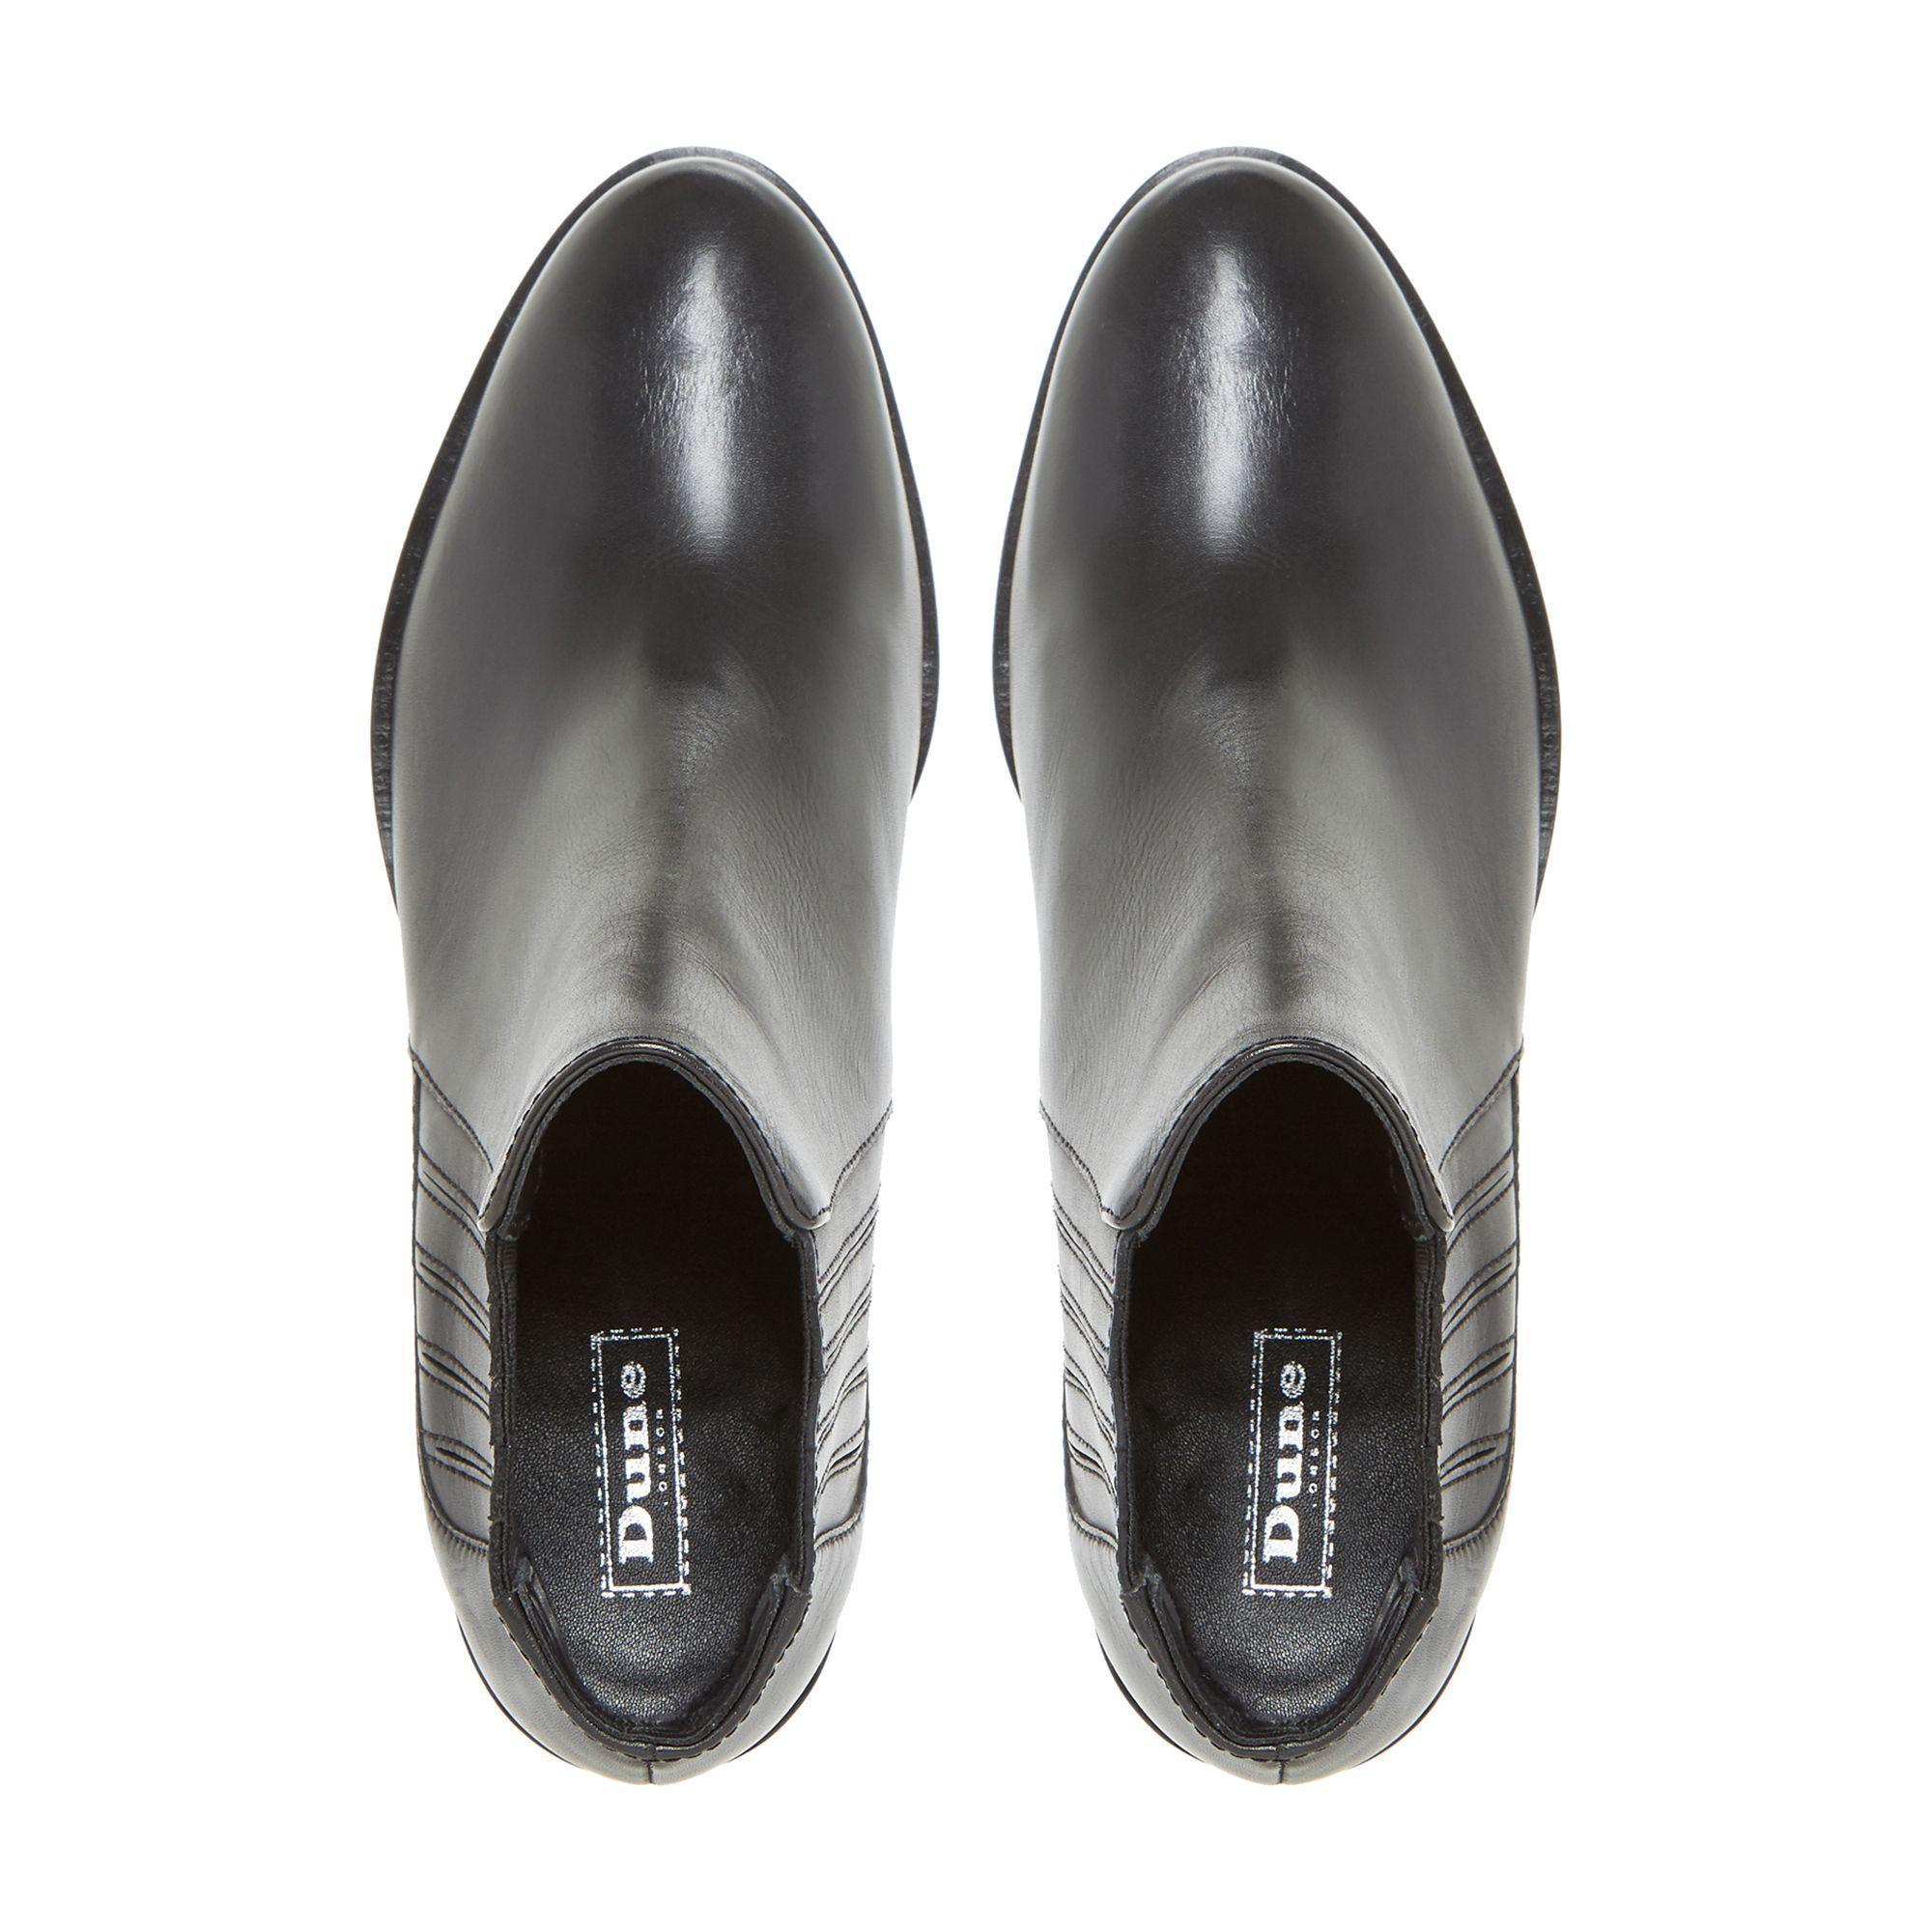 d0c06884ad6 Dune Black 'peter' Side Elasticated Block Heel Chelsea Boots